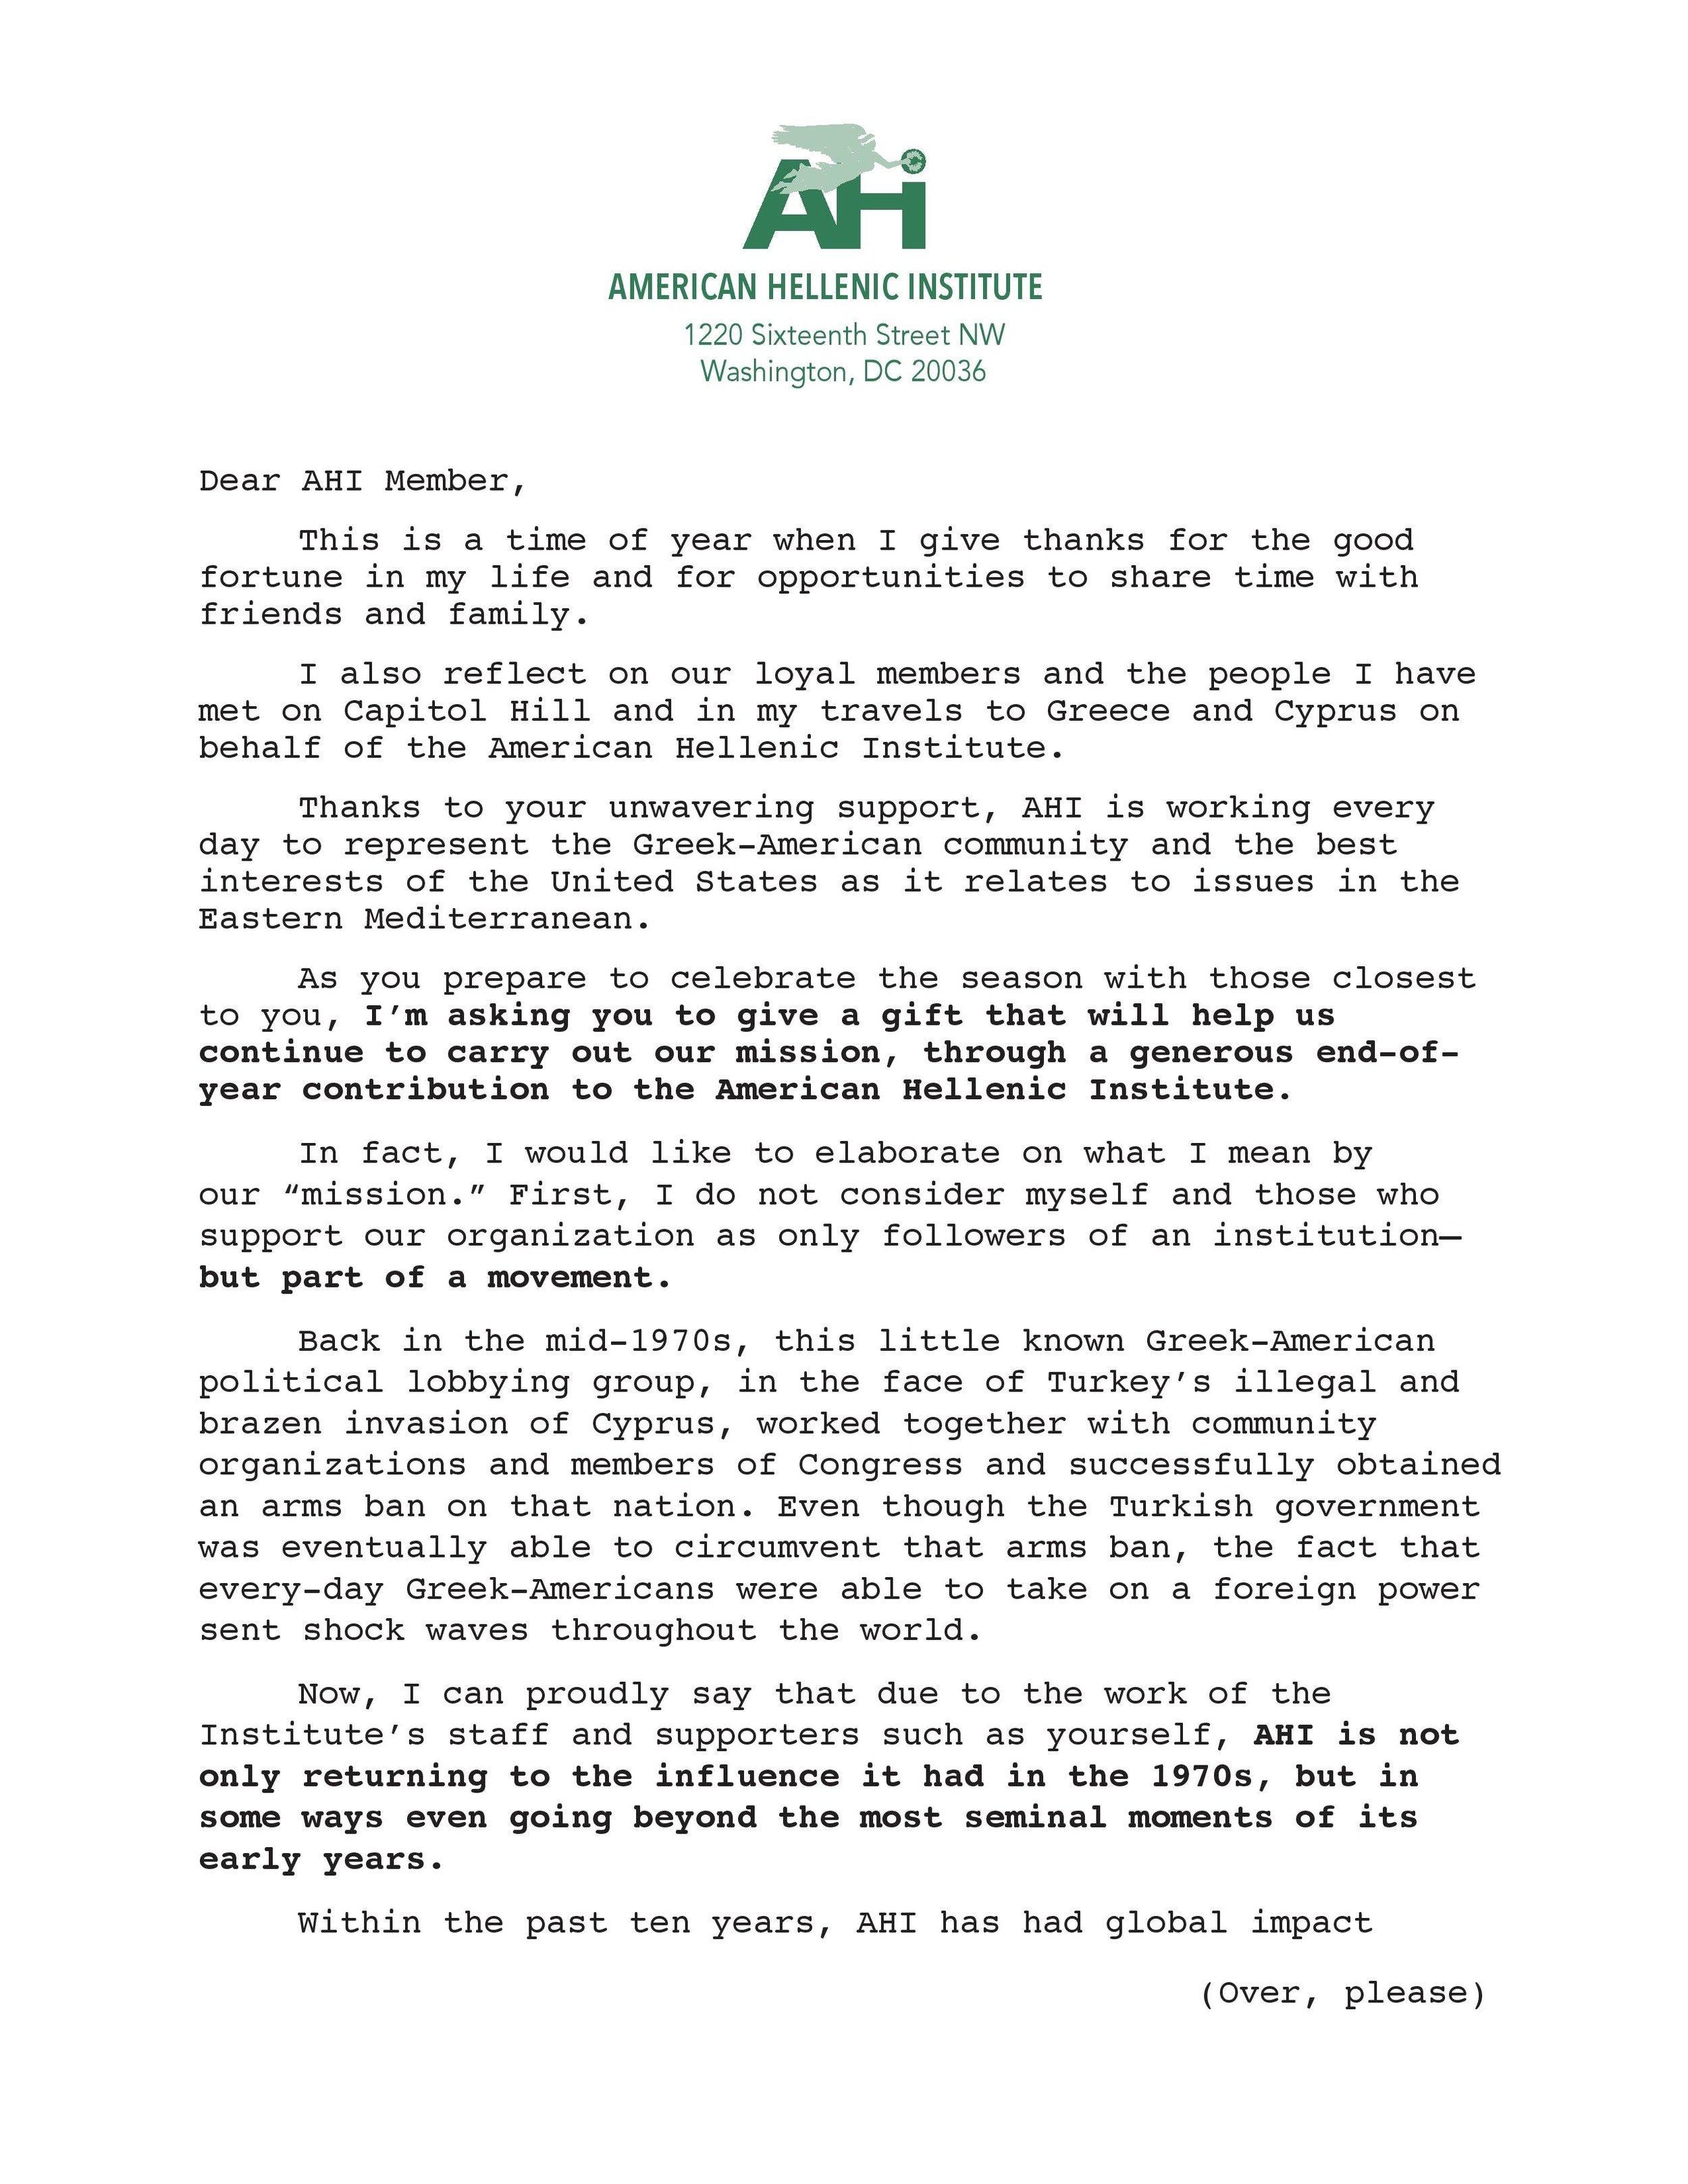 Appeal Letter 1.jpg